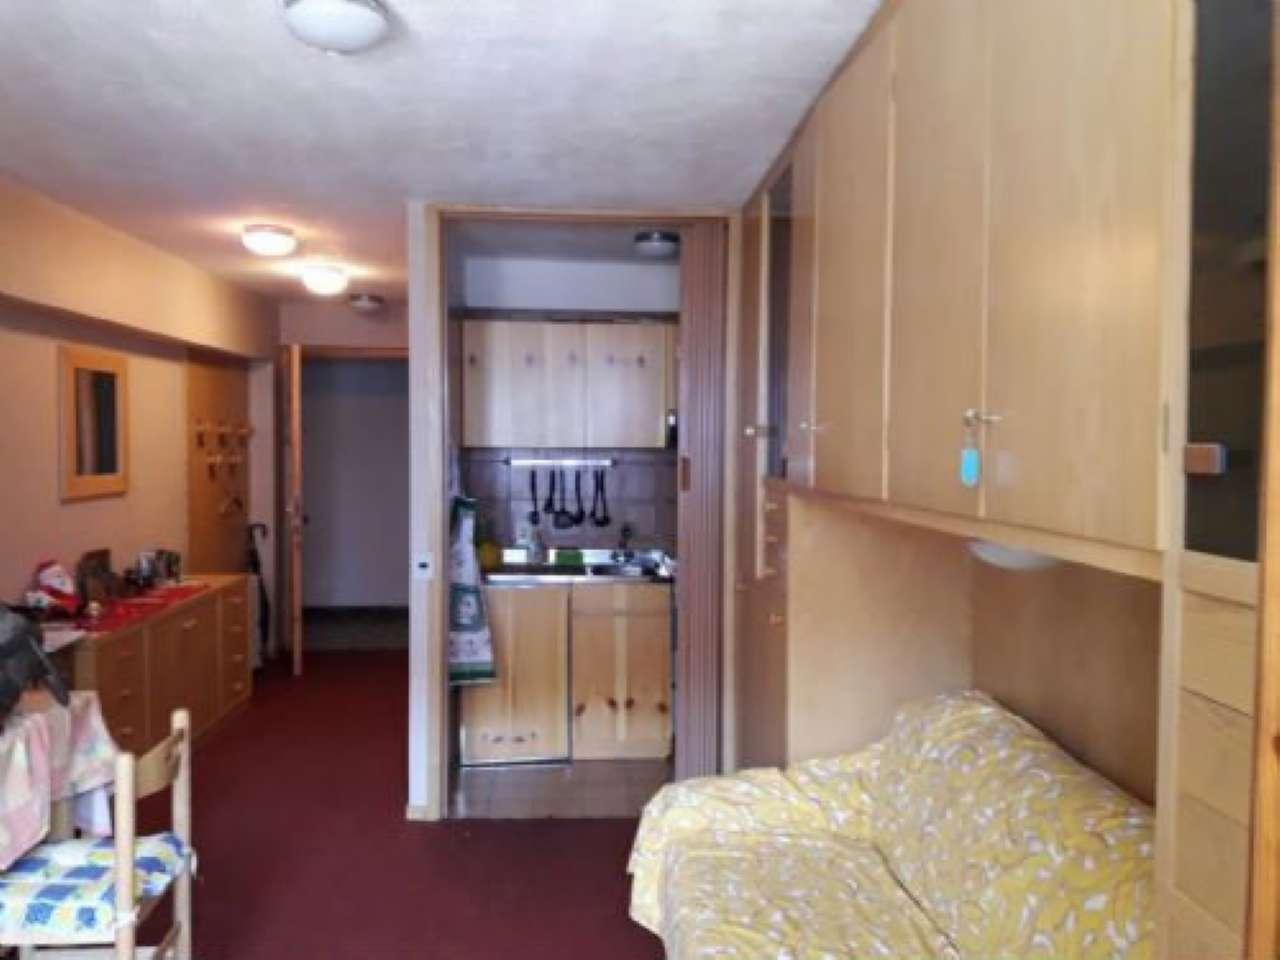 Appartamento in vendita a Limone Piemonte, 1 locali, prezzo € 106.000 | CambioCasa.it